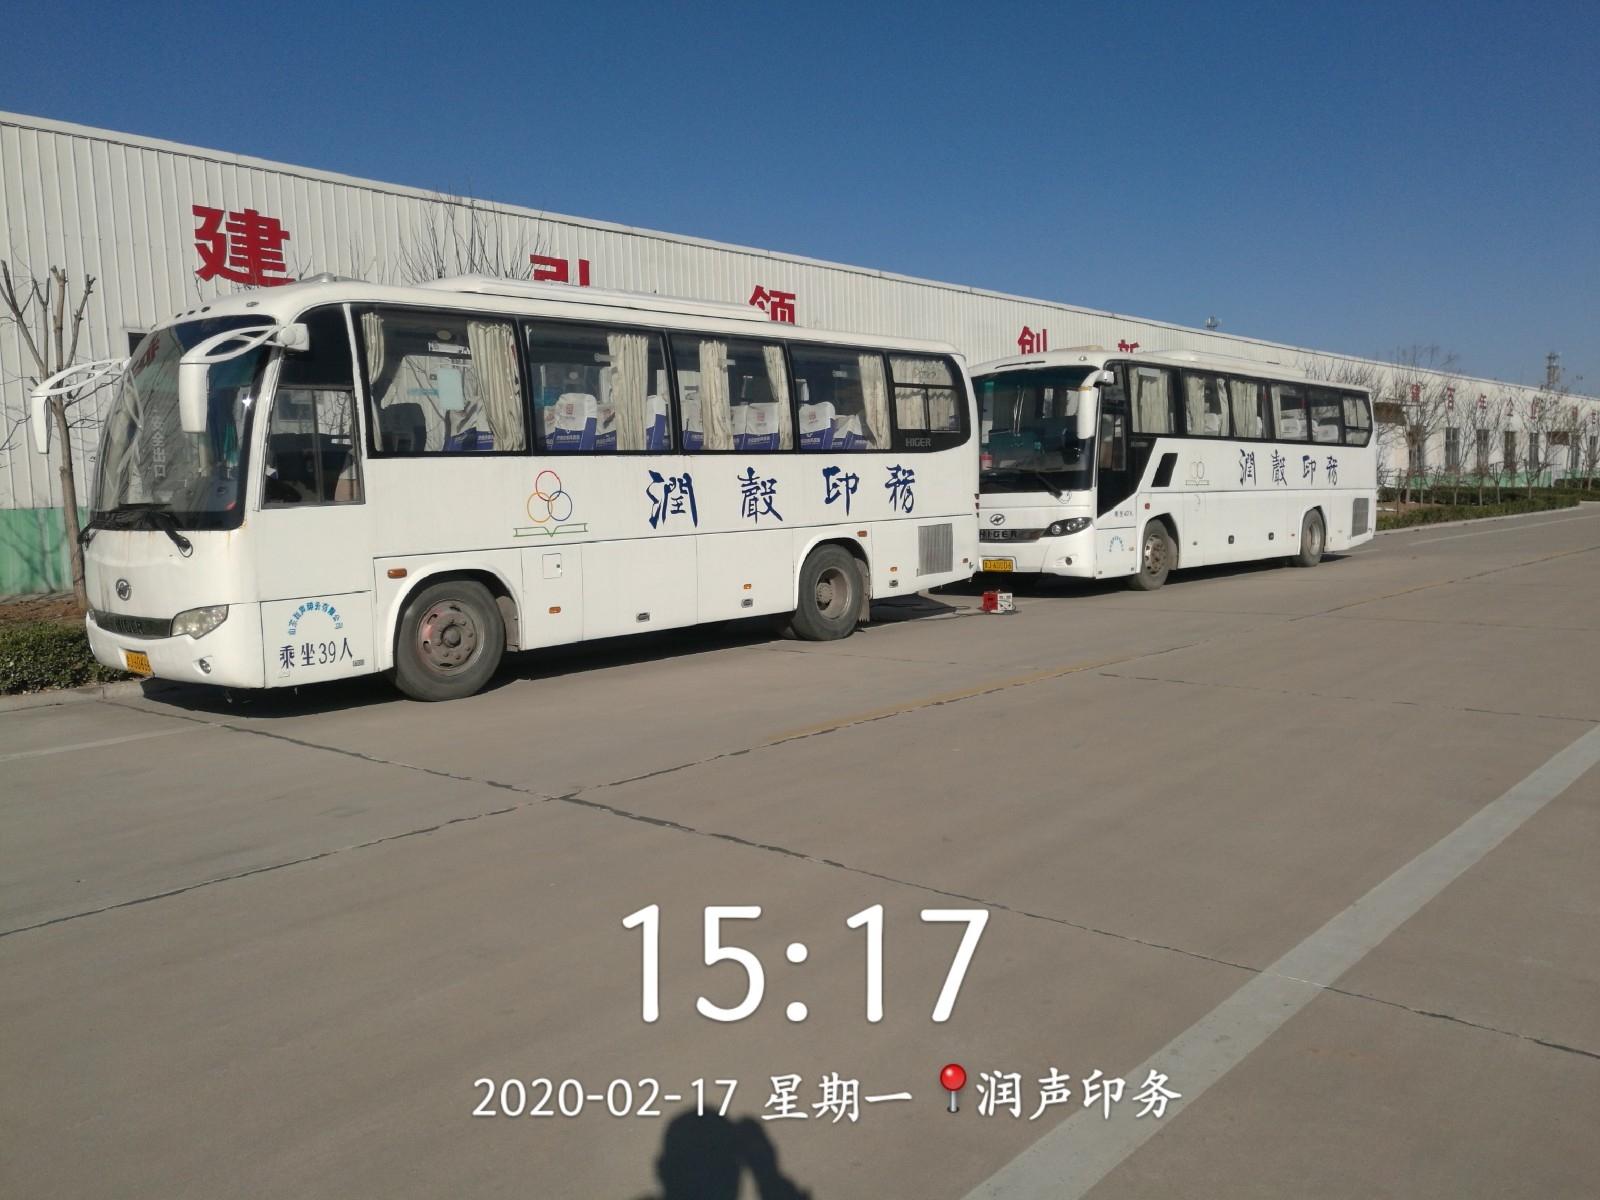 2020_02_17_15_17_25.jpg